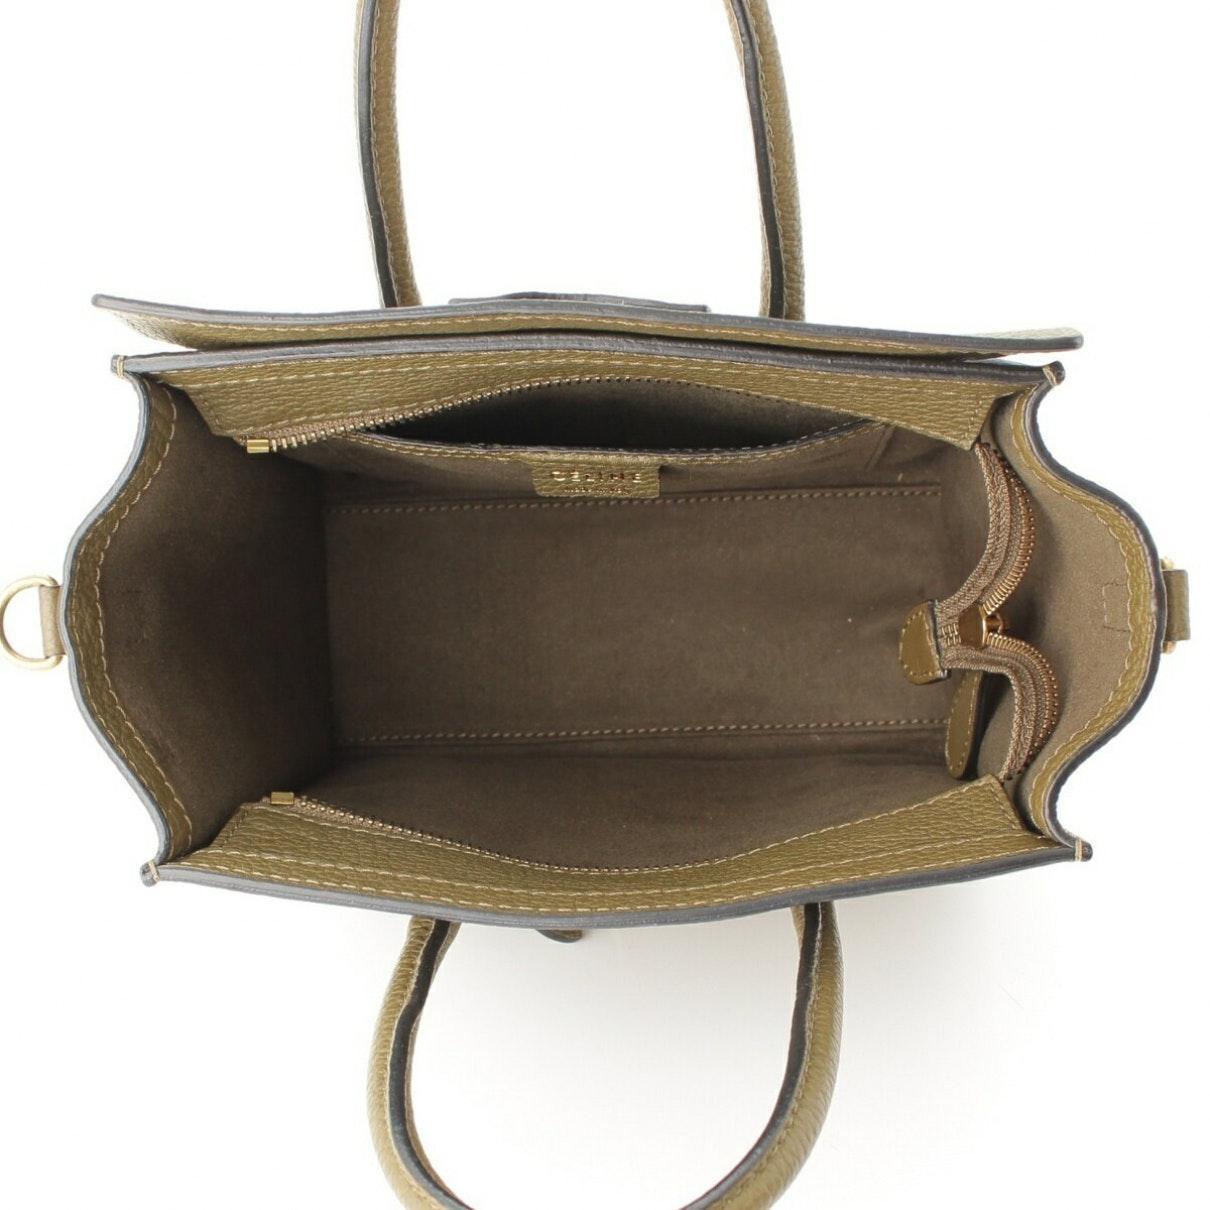 Sac à main Luggage en Cuir Beige Cuir Celine en coloris Neutre UuL9